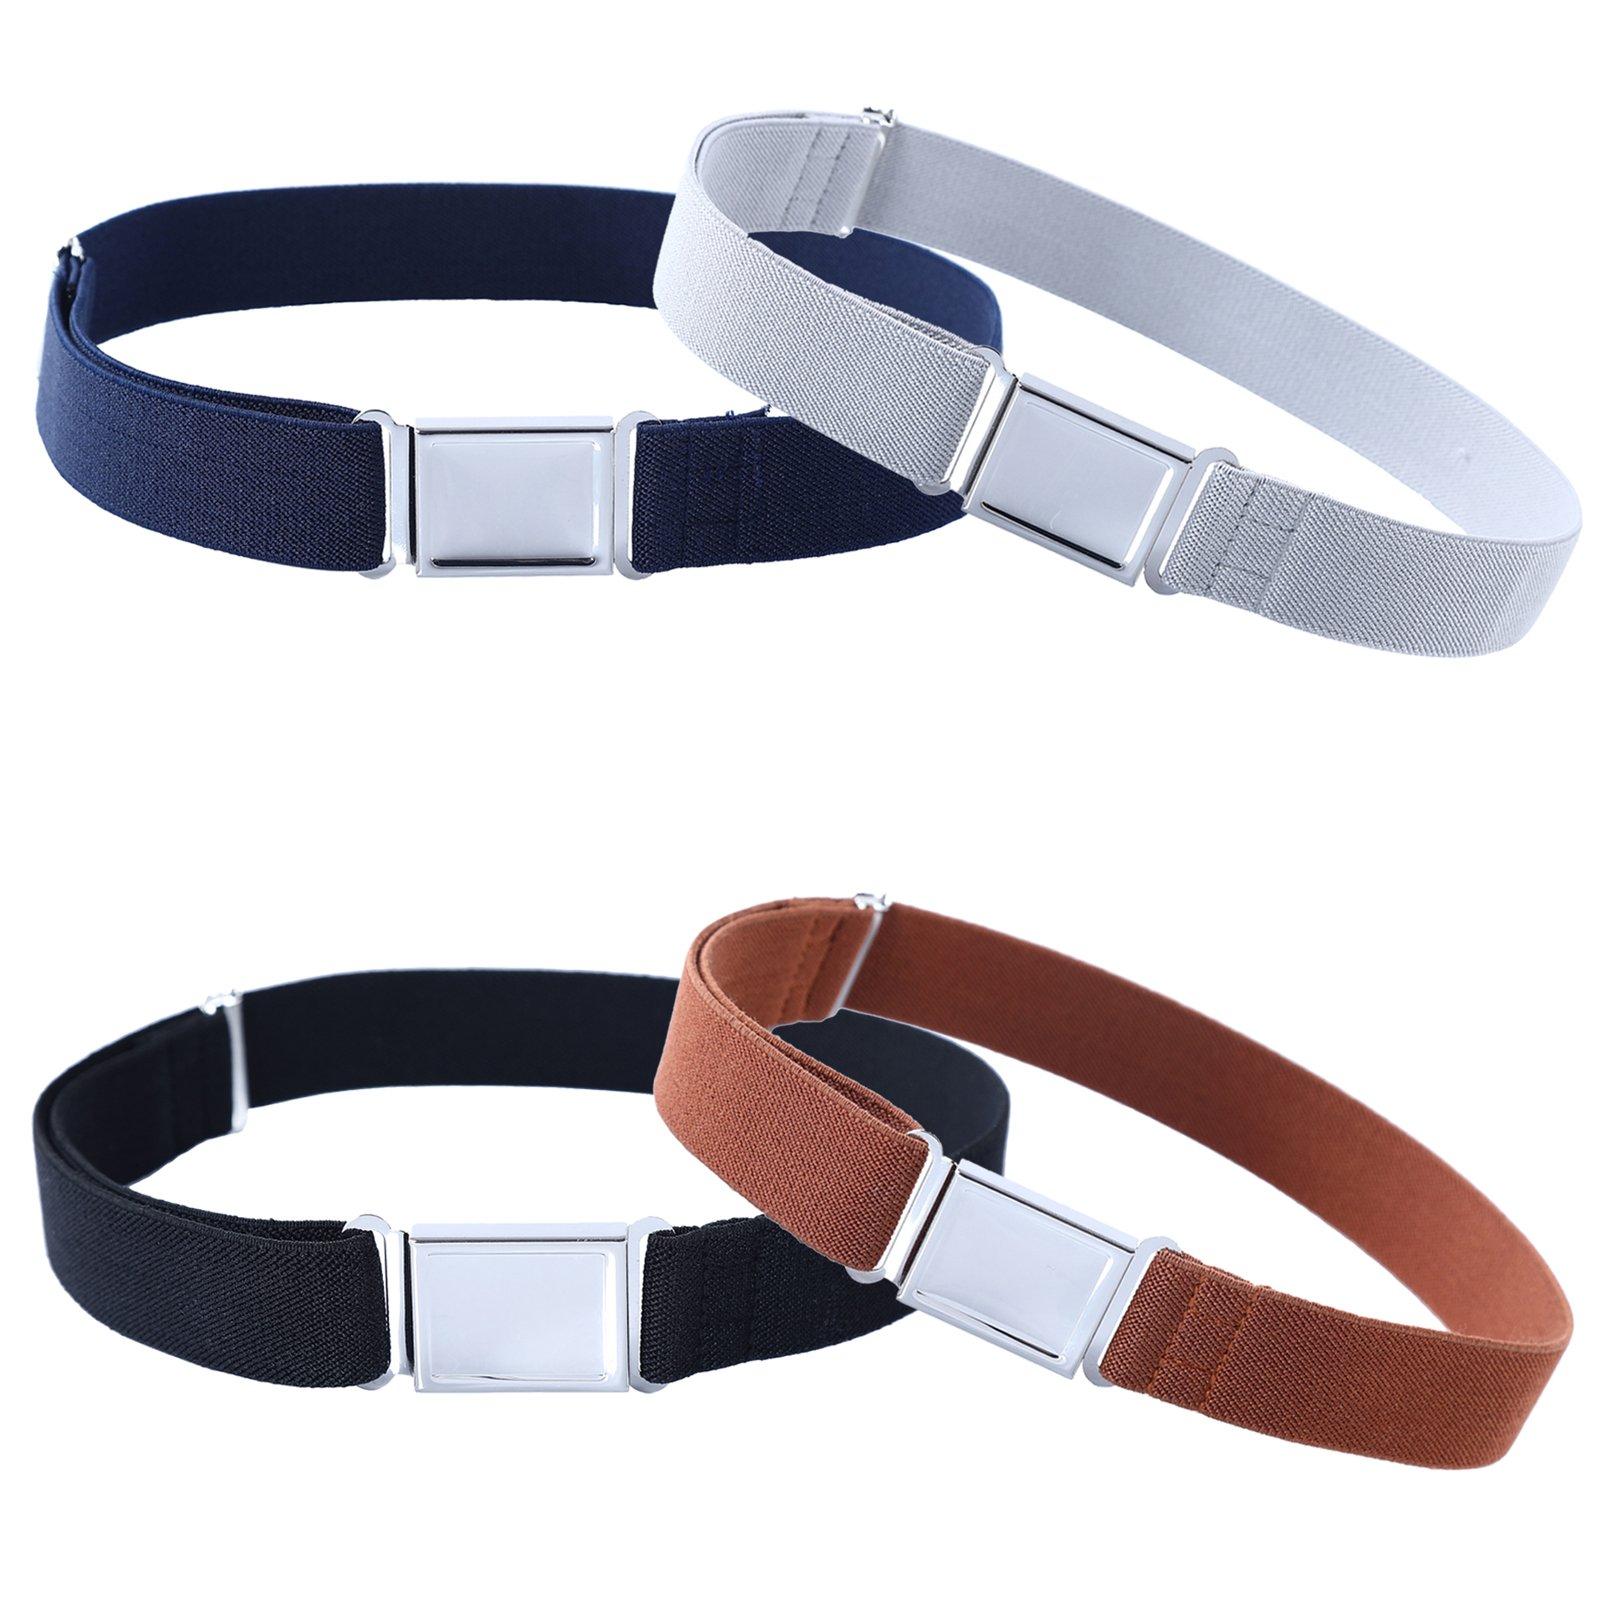 4PCS Kids Boys Adjustable Magnetic Belt - Big Elastic Stretch Belt with Easy Magnetic Buckle (Navy Blue/Grey/ Black/Brown)